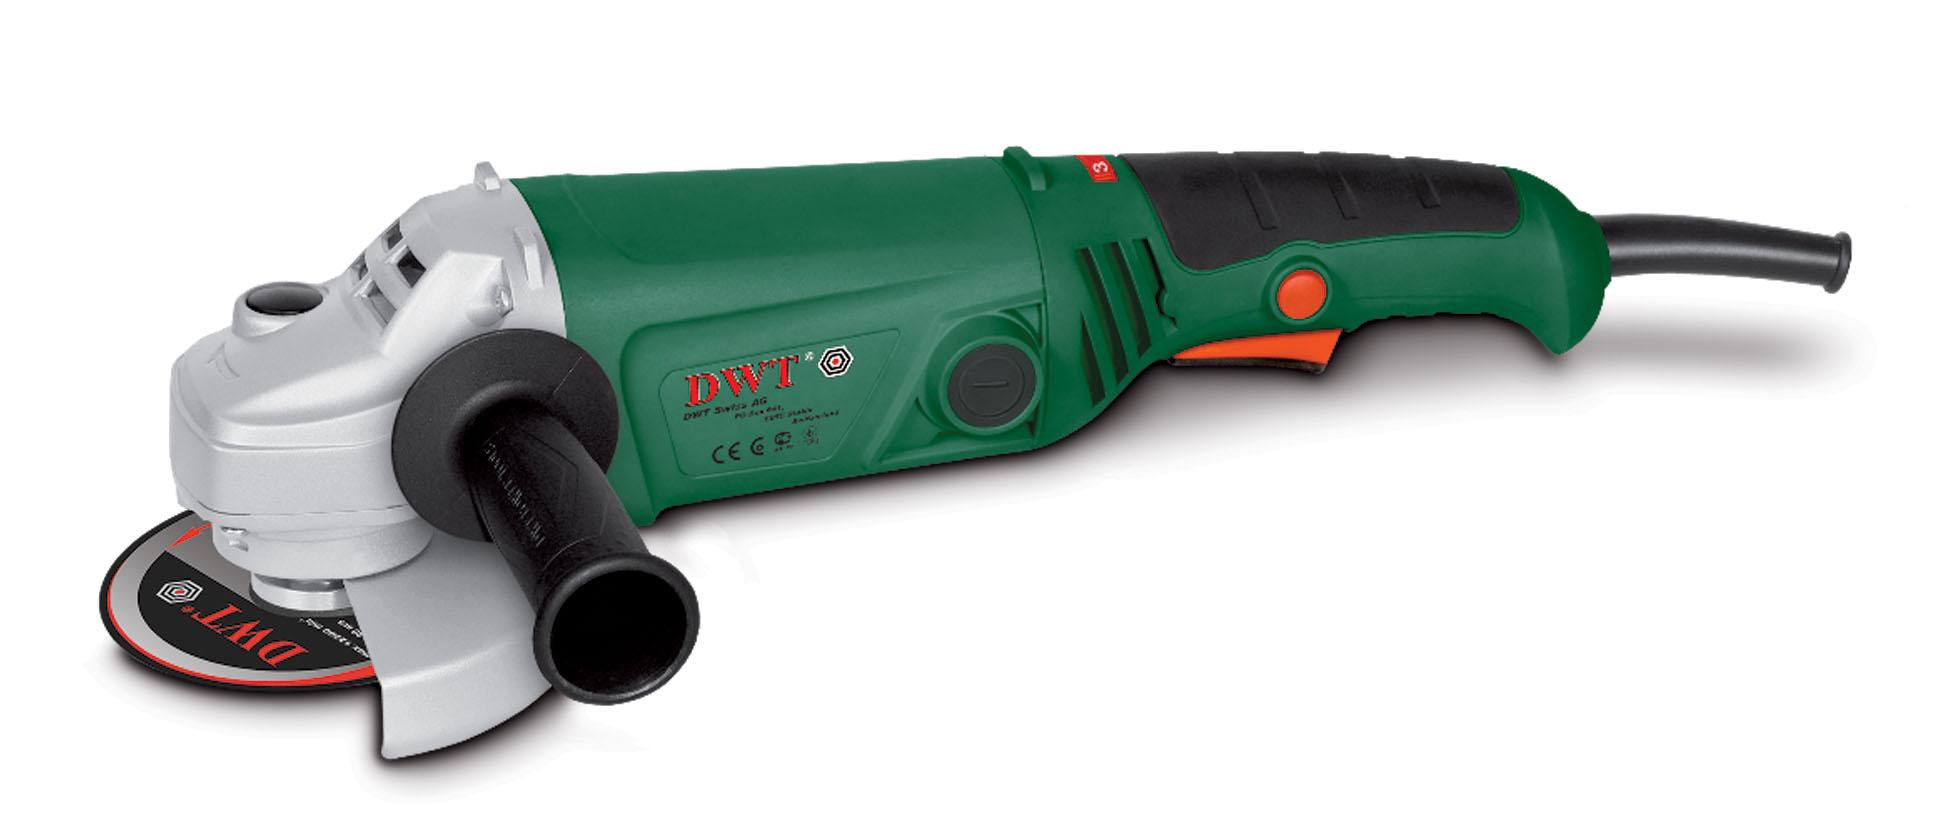 DWT WS10-125 T - угловая шлифмашина (Green)Угловые шлифовальные машинки (Болгарки)<br>Шлифмашина<br>